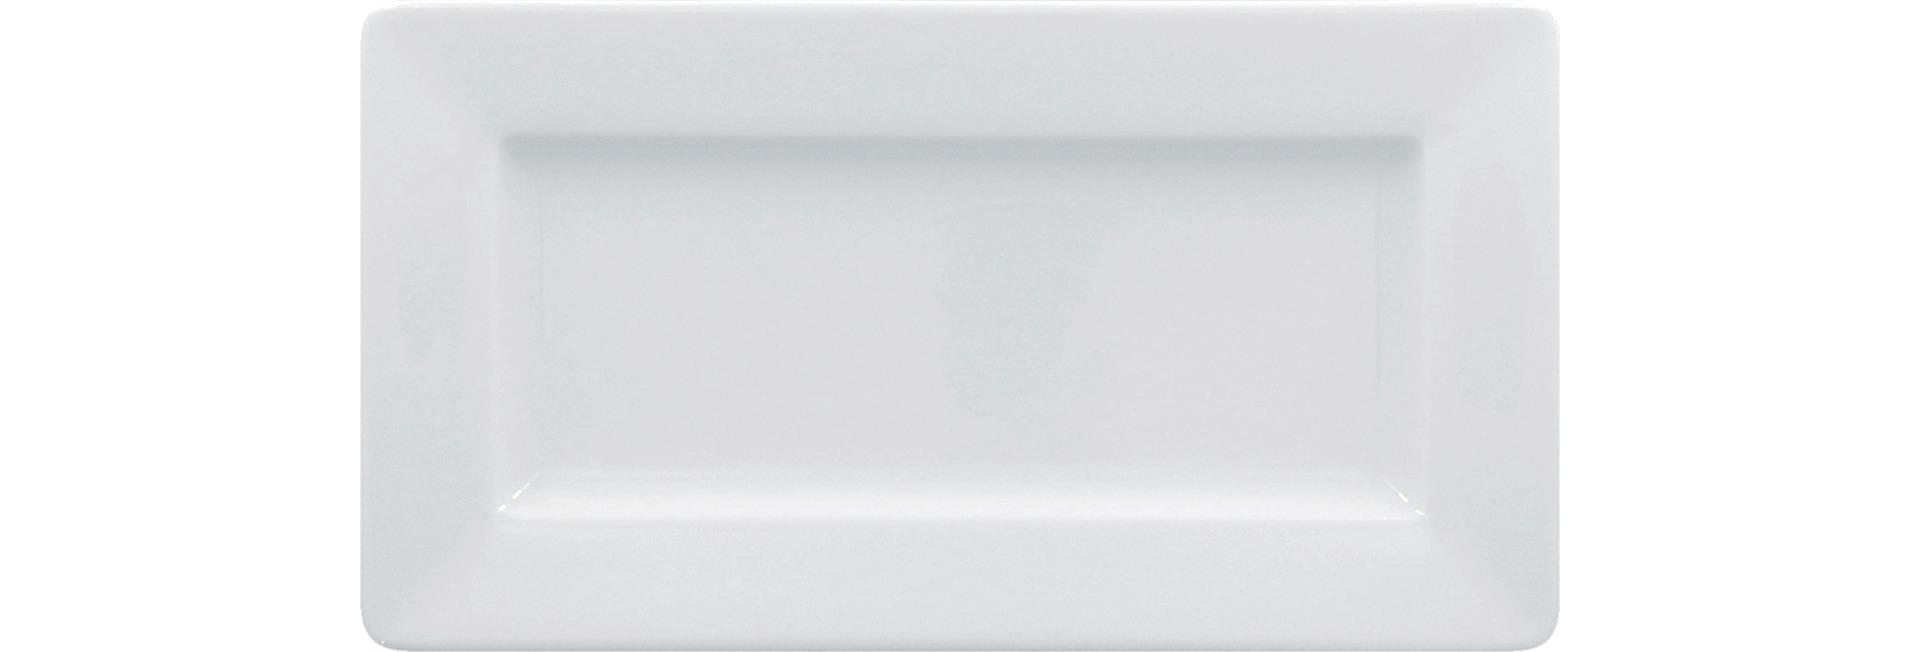 Teller rechteckig 240 x 130 mm bright-white